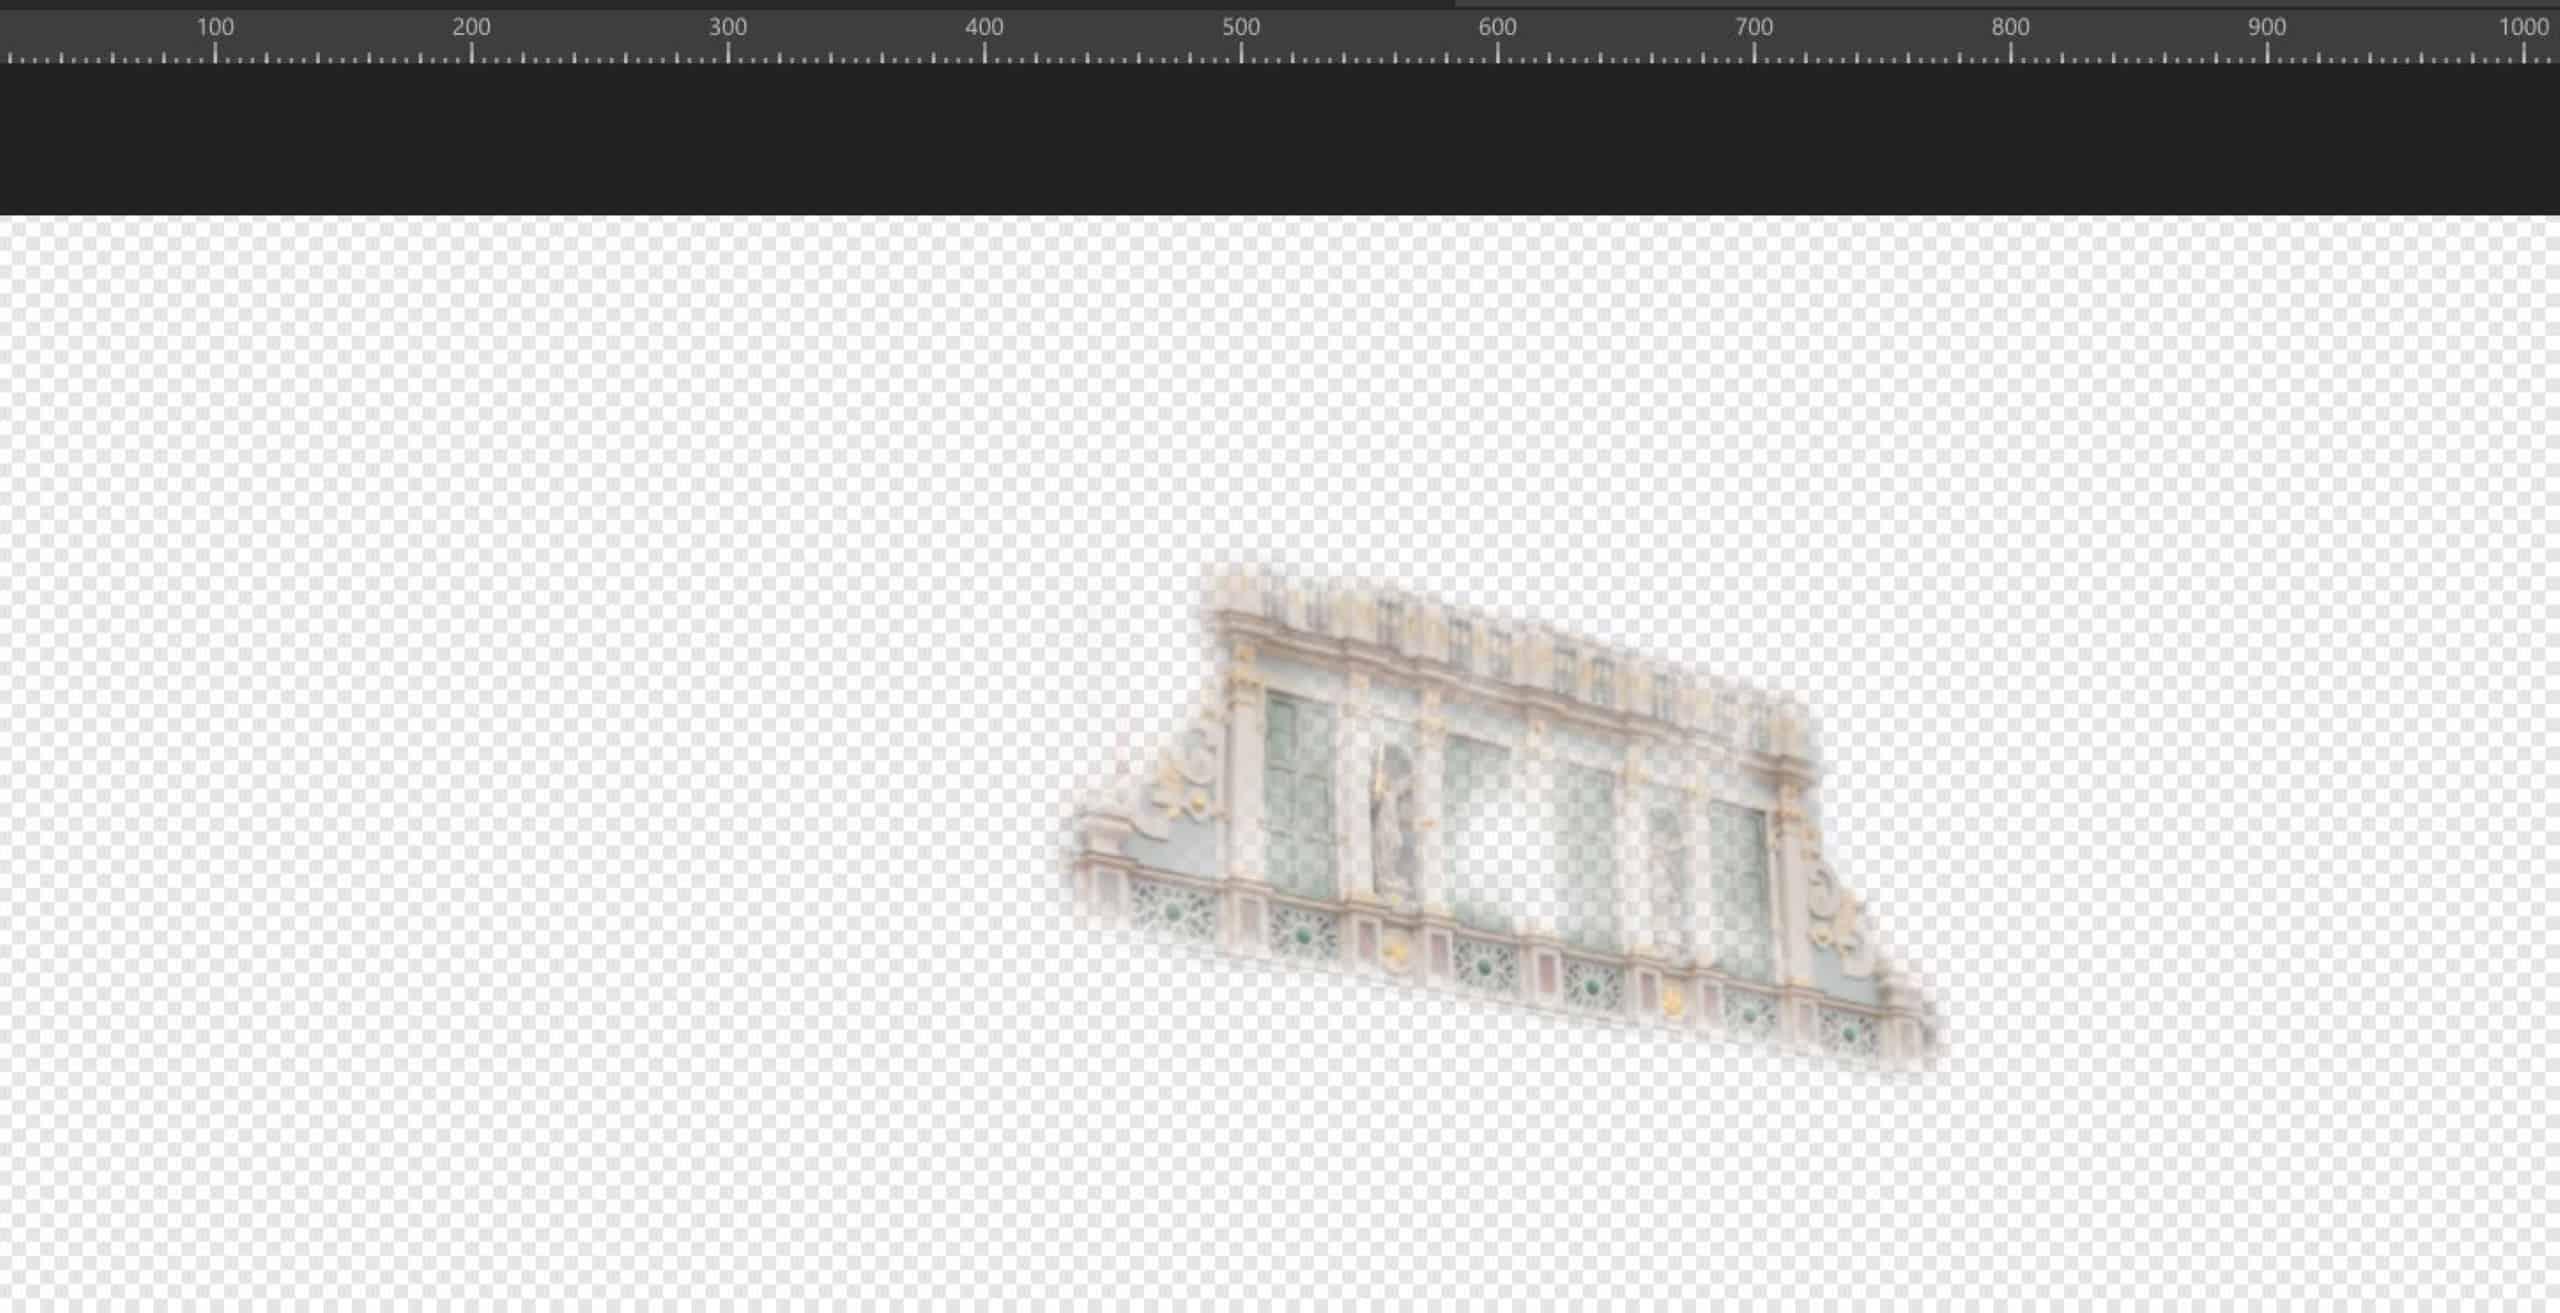 Zamaskowanie elementu z danego wycietego obszaru zdjecia - Zdjęcia starego Gdańska. Kompozycja w 5 prostych krokach !